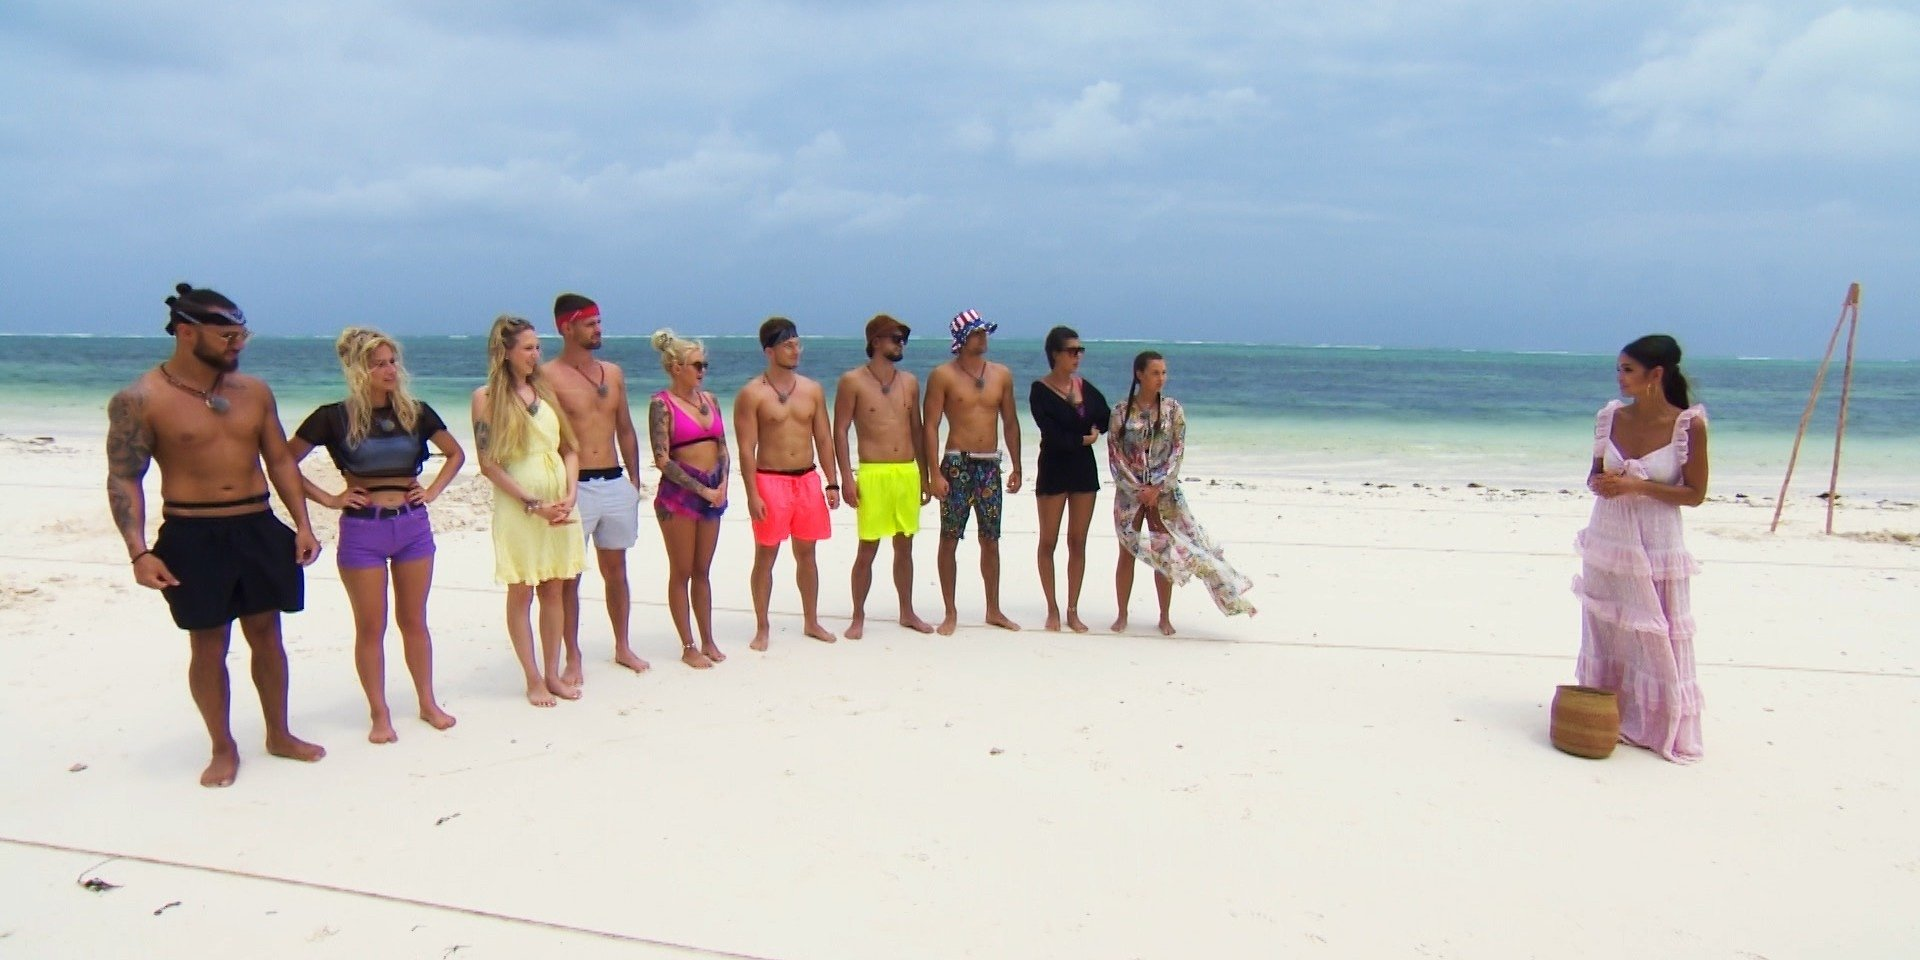 Hotel Paradise 3: zapowiedź odcinka 6